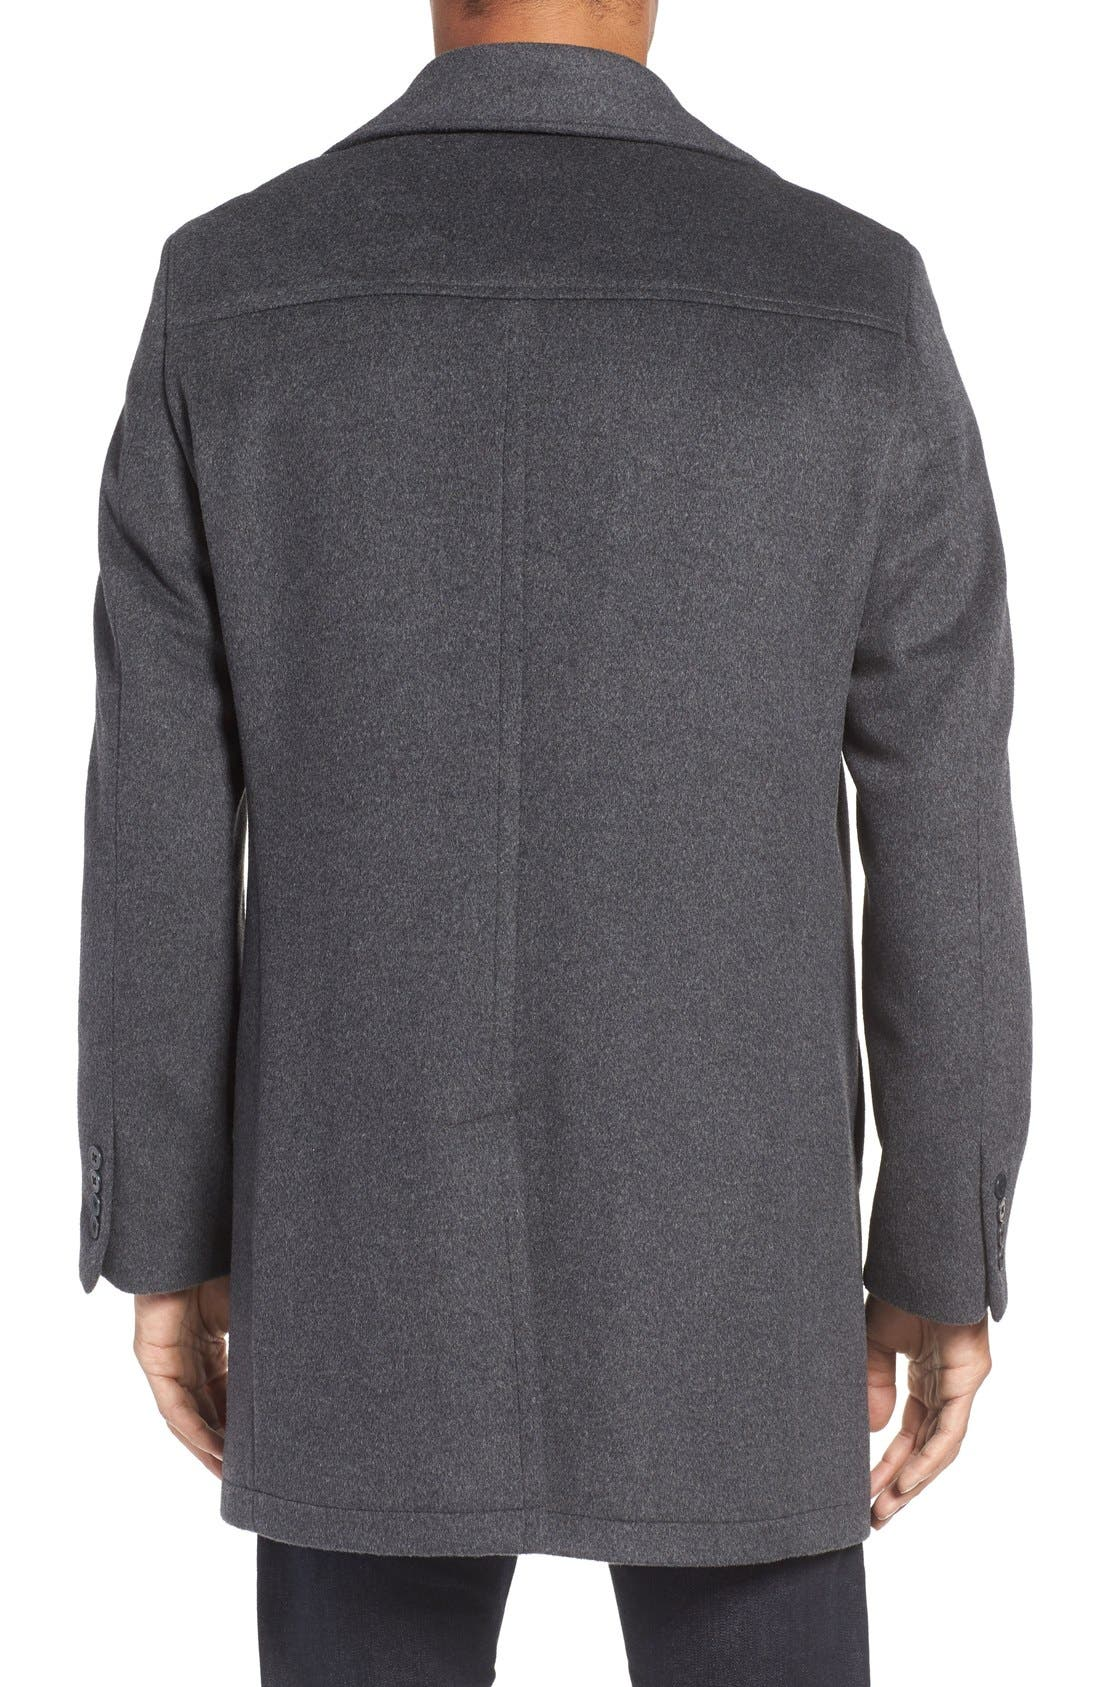 Alternate Image 2  - Nordstrom Men's Shop Wool Blend Car Coat